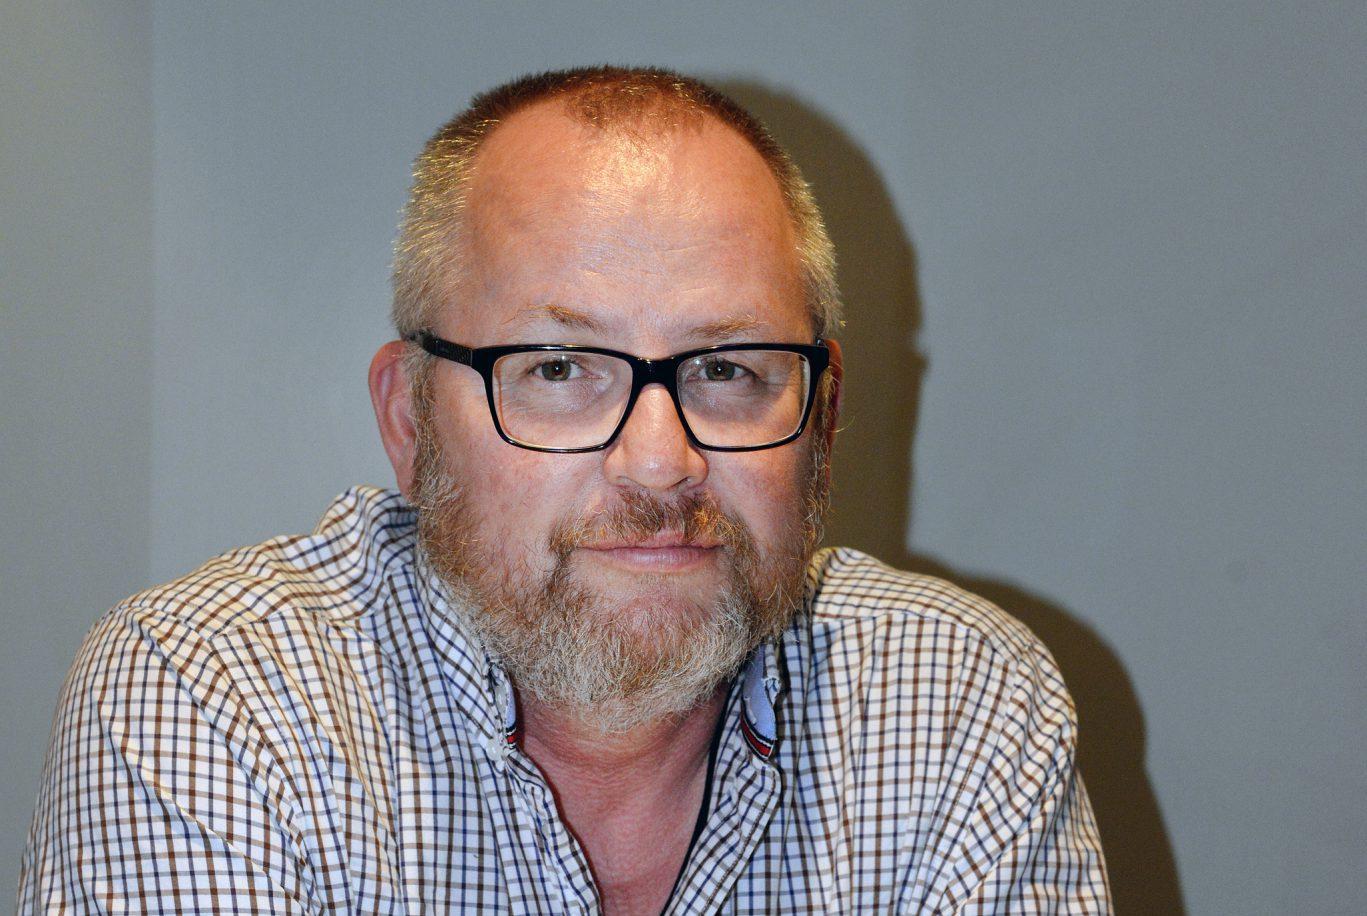 Torbjörn Lövbom, Burträsk, är ledamot i Jägareförbundets styrelse. Han tror debatten om vinterjakten på älg grundar sig i att jägarna är rädd om älgstammen. Foto: Lars-Henrik Andersson